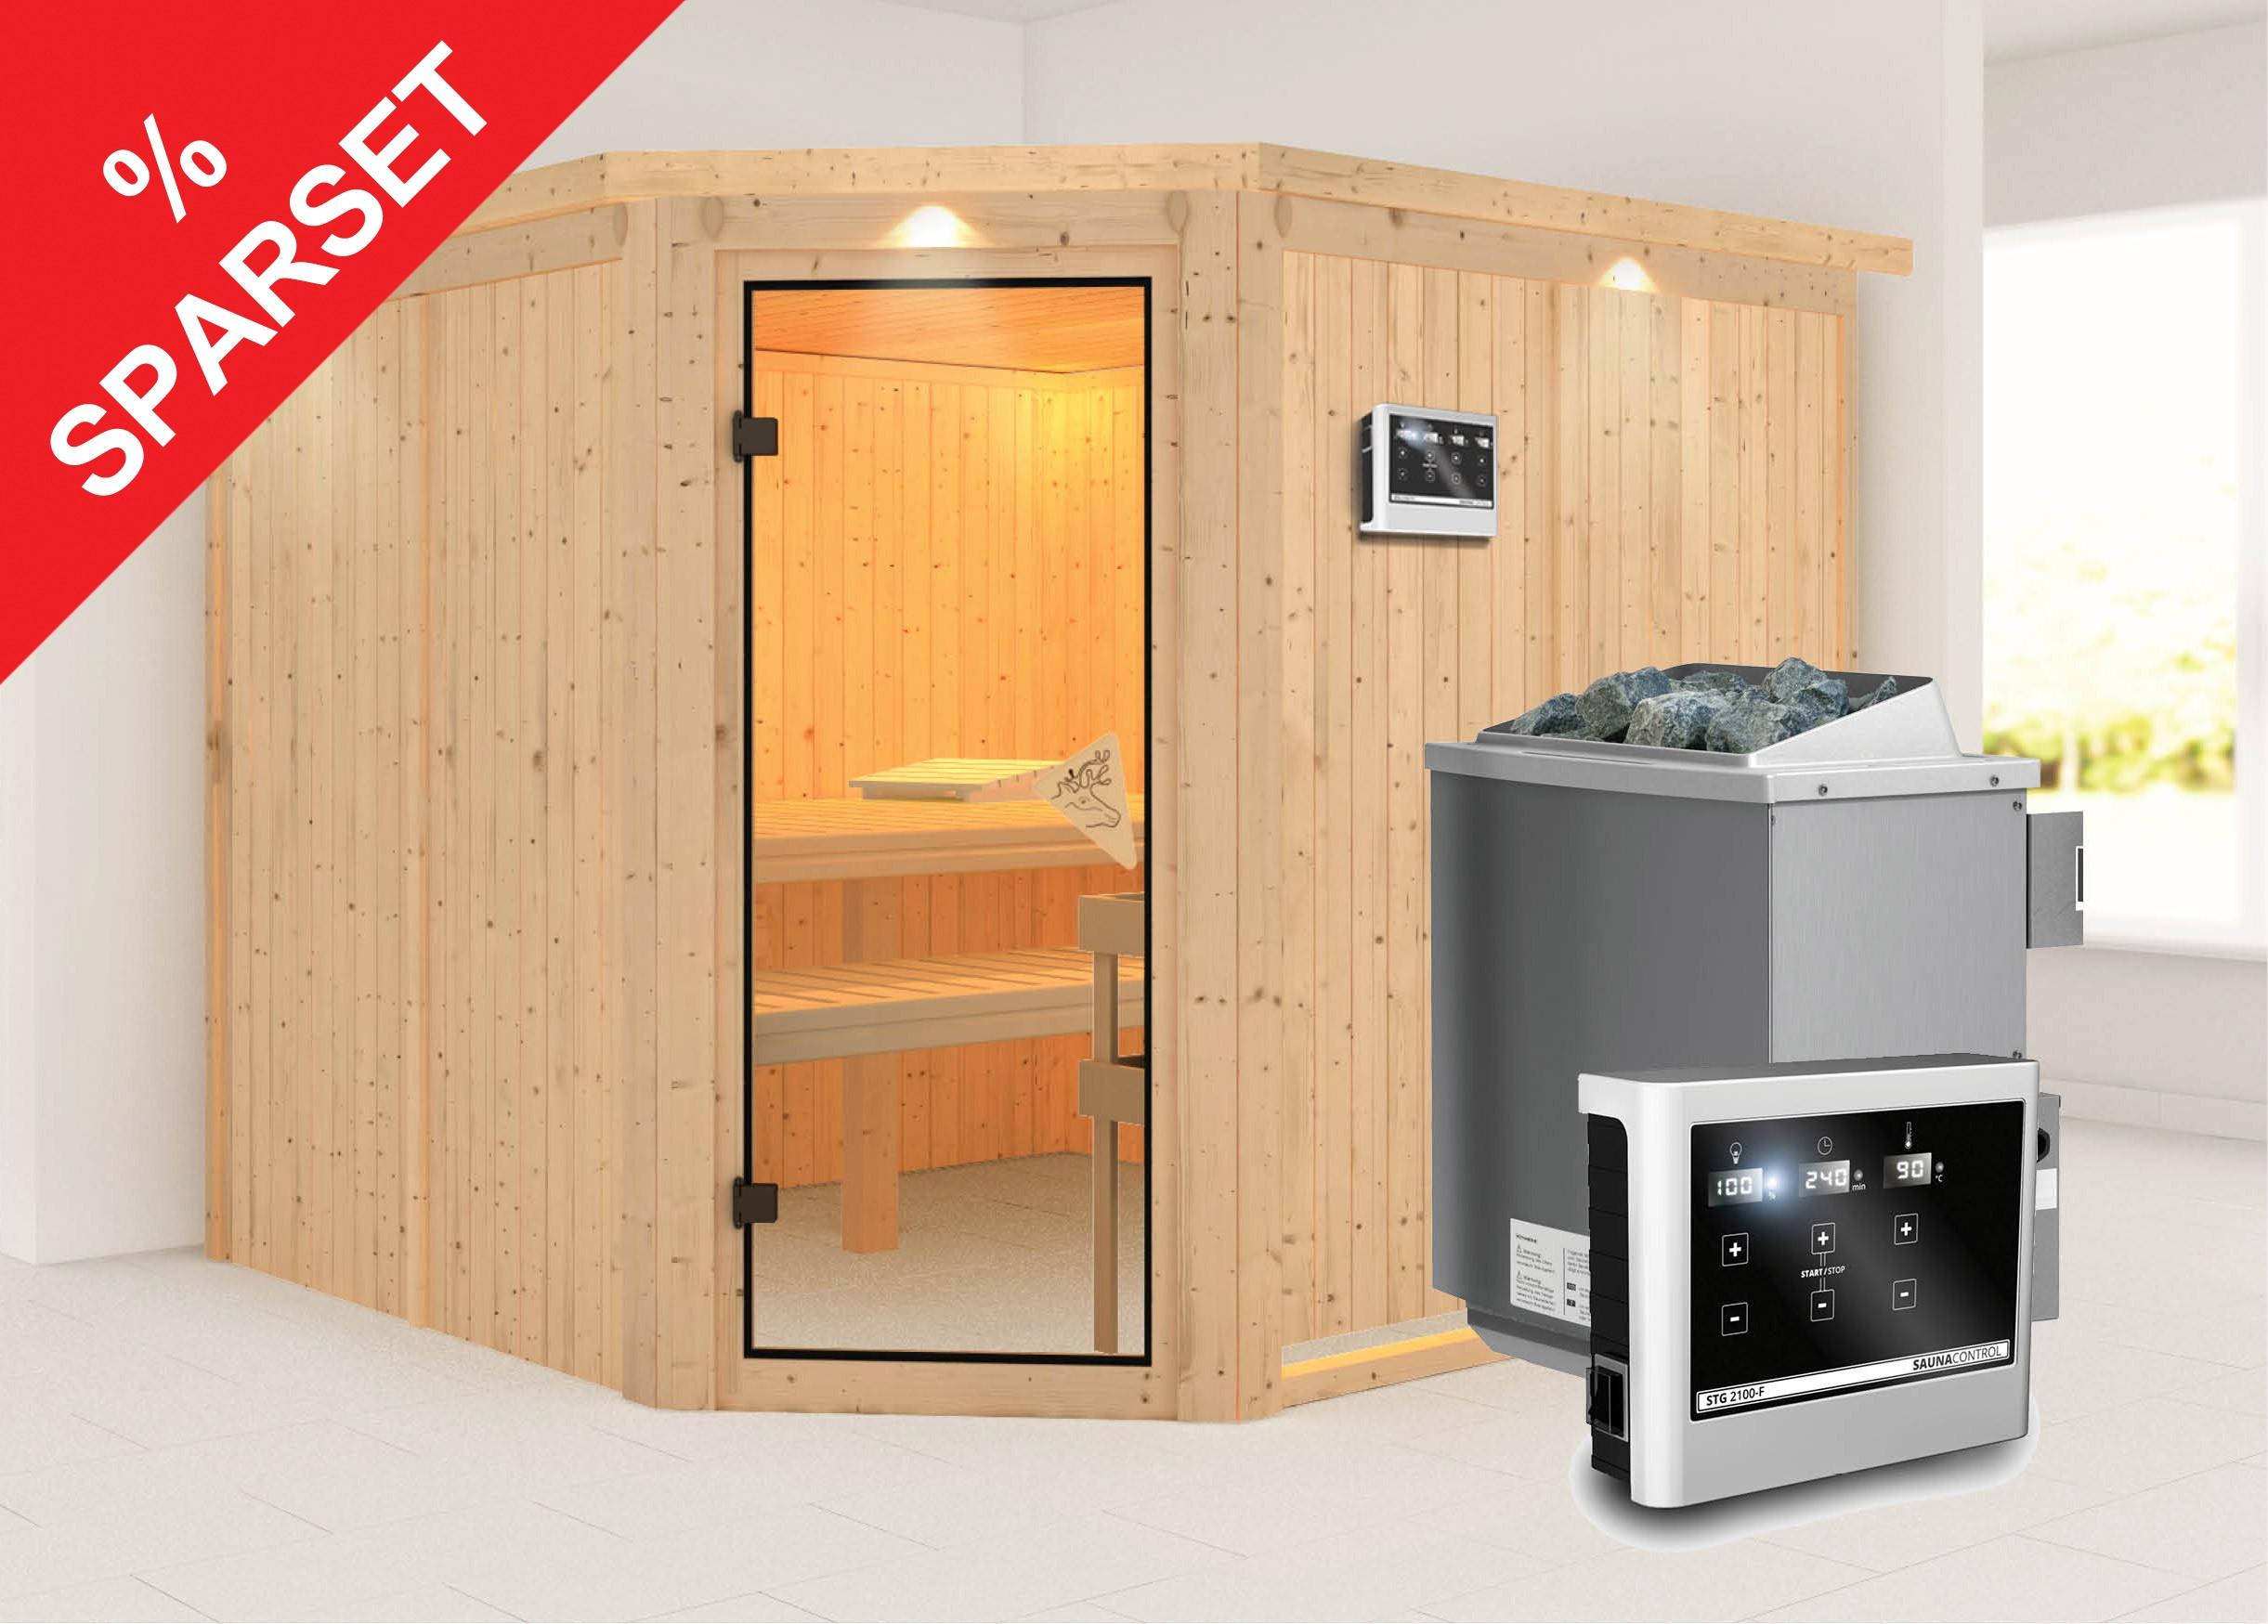 karibu sauna farin 68mm dachkranz bio ofen 9 kw extern sparset bei. Black Bedroom Furniture Sets. Home Design Ideas